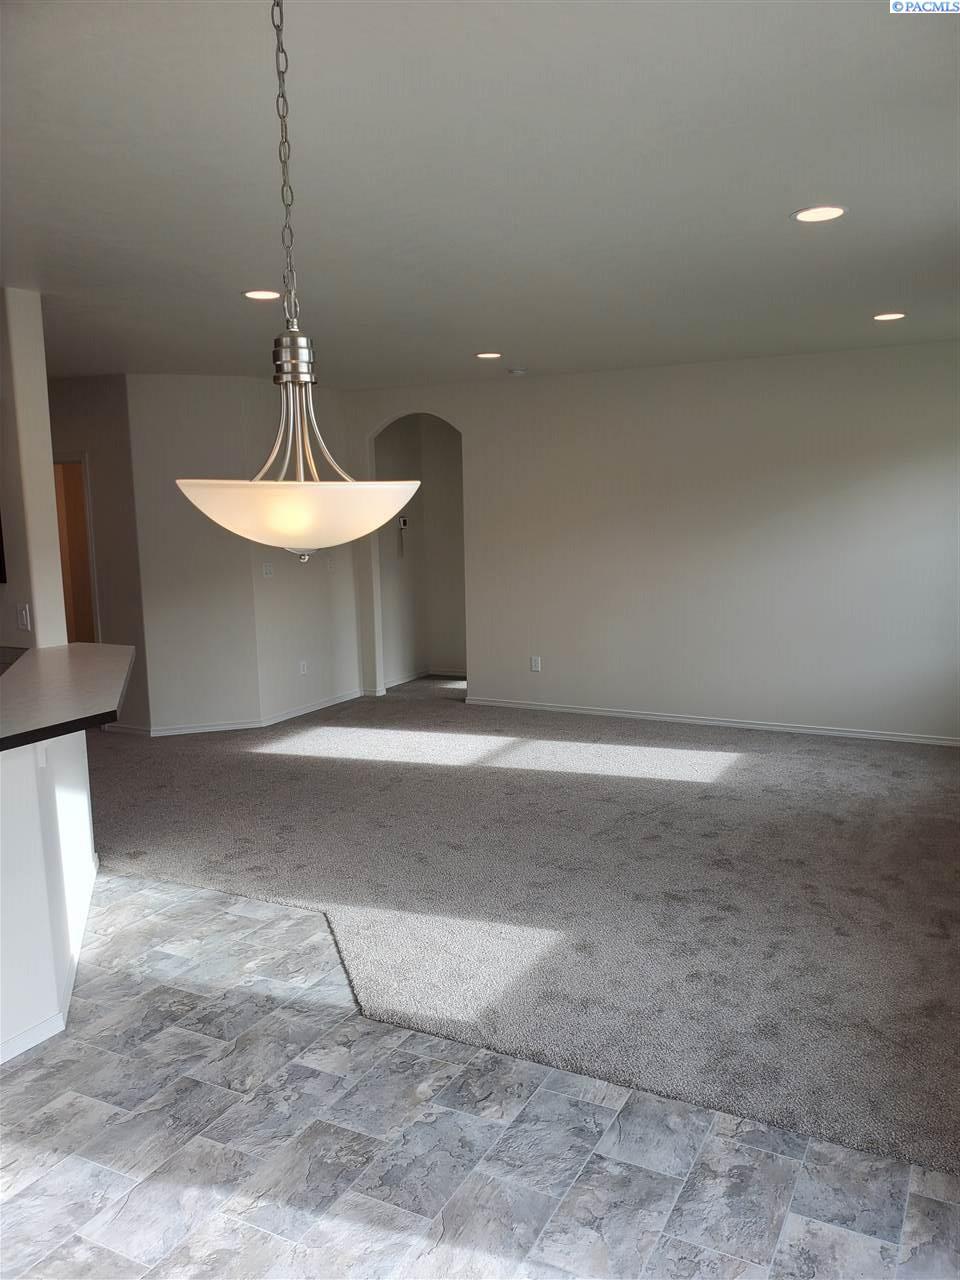 Additional photo for property listing at 533 Marysville Richland, Washington 99352 United States